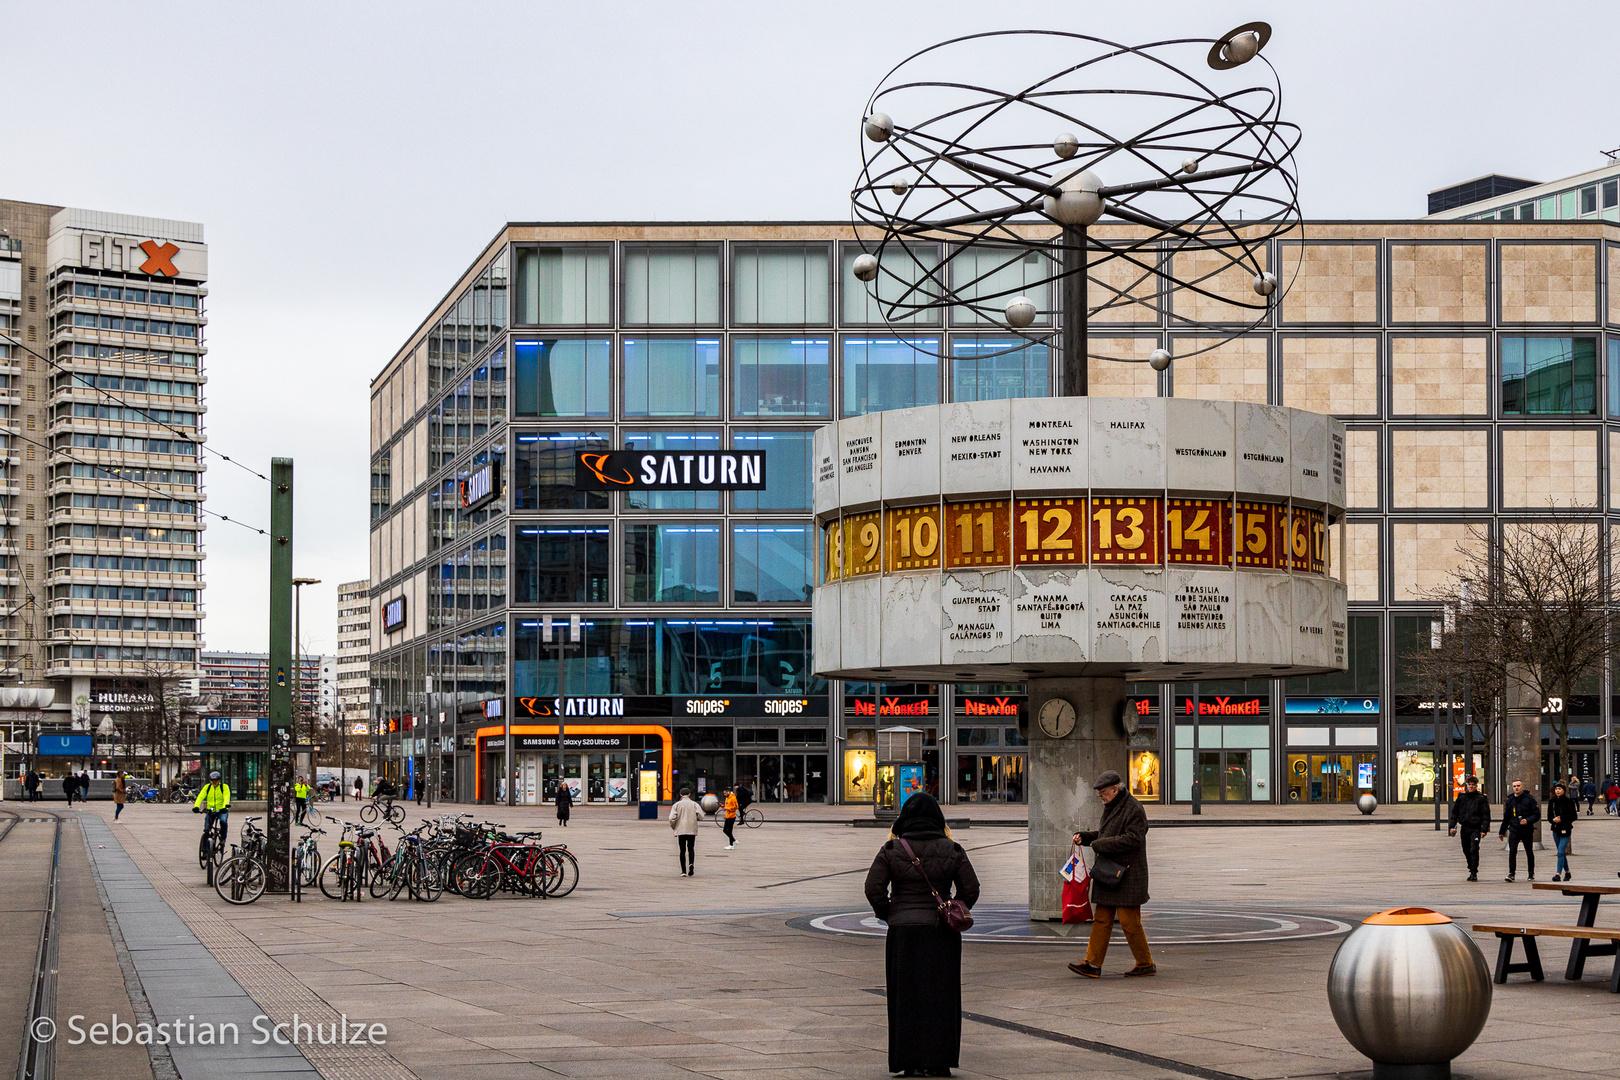 Berlin (bekannte Plätze) in Zeiten von Corona (Covid19) #06